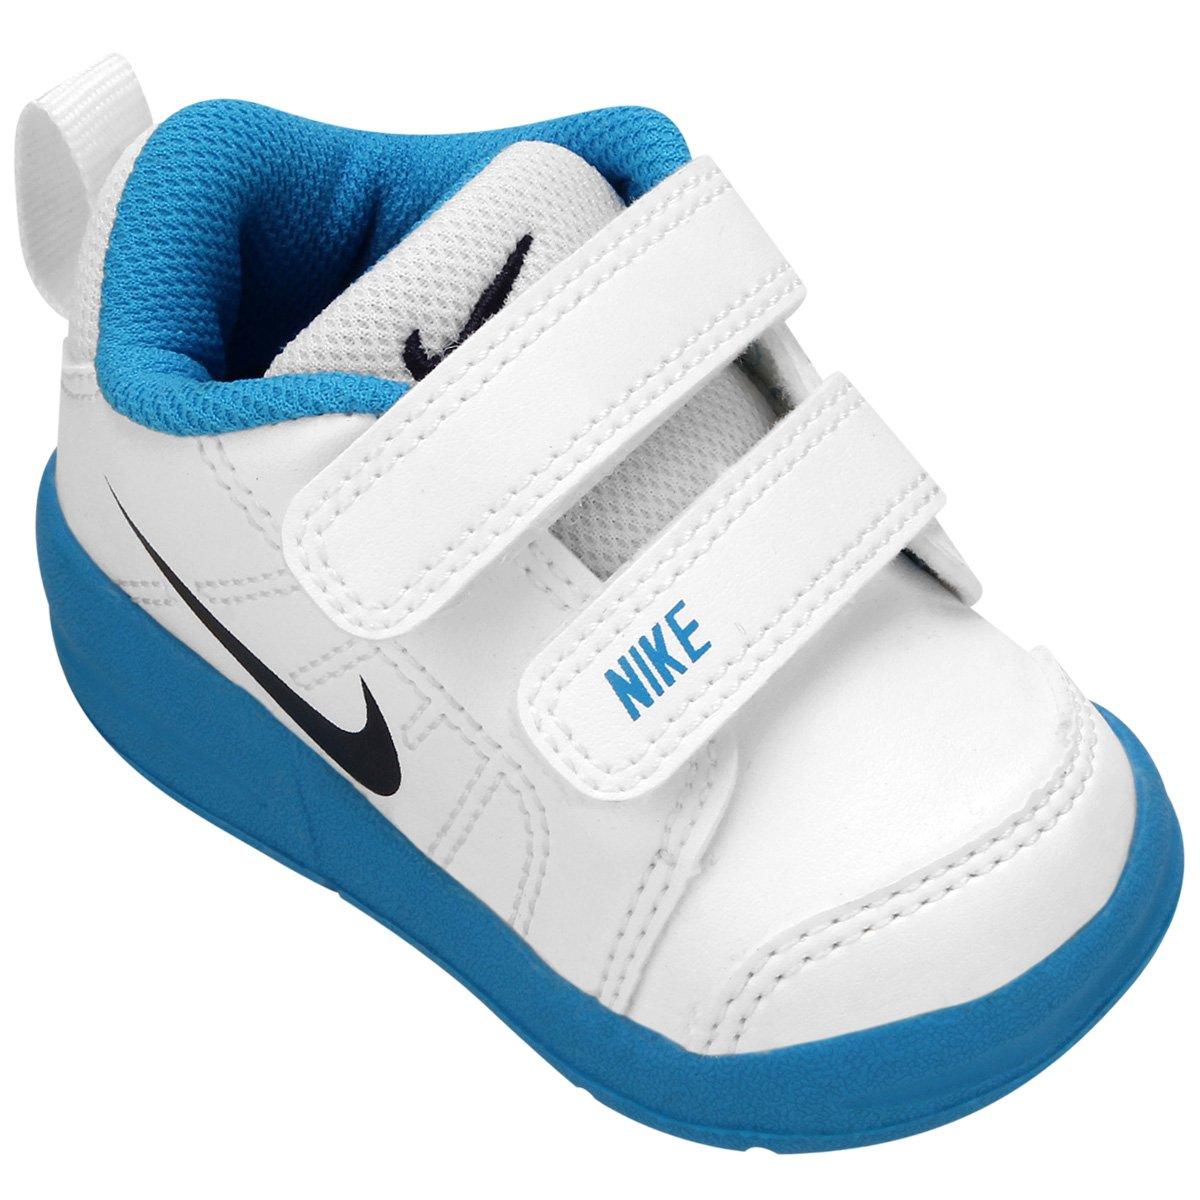 80b1e57f676e3 Tênis Nike Pico LT TDV Infantil - Compre Agora